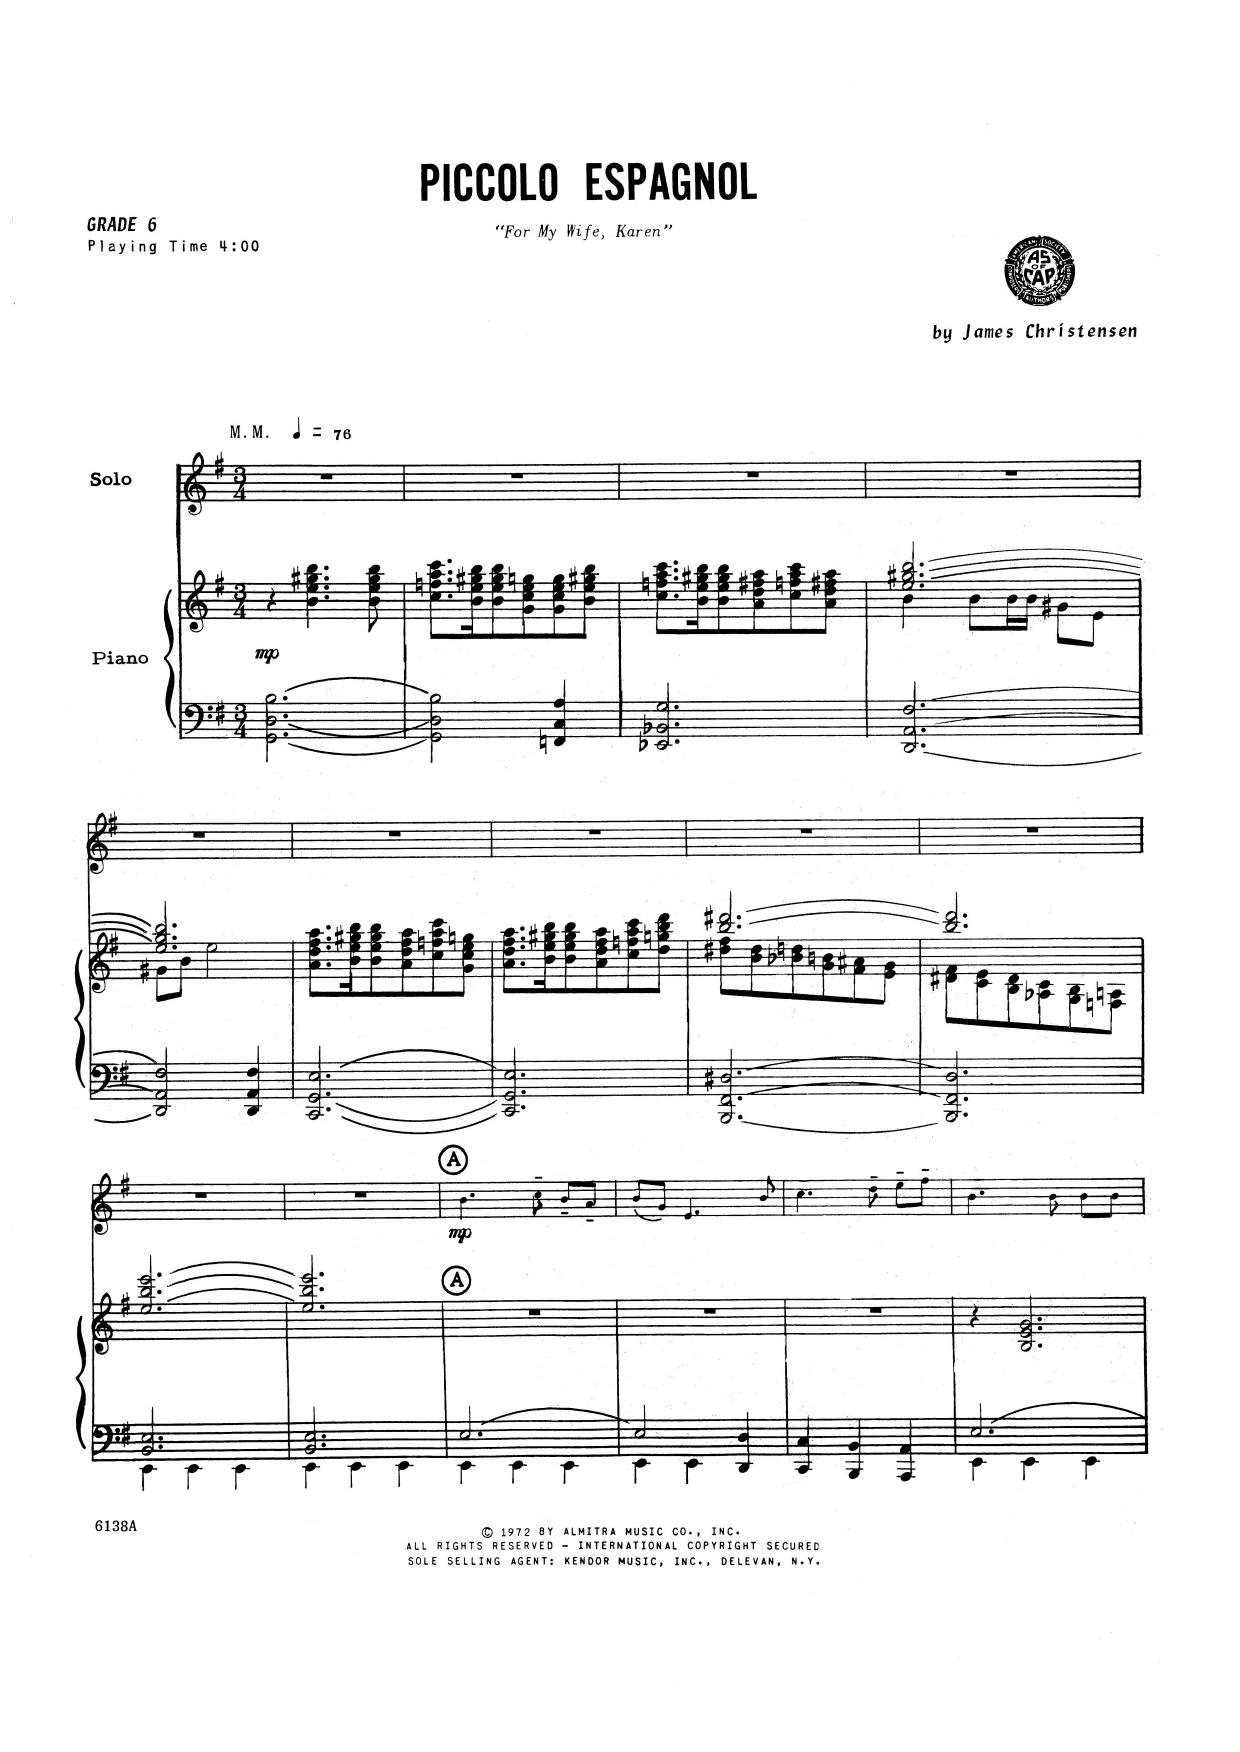 Piccolo Espagnol - Piccolo Sheet Music